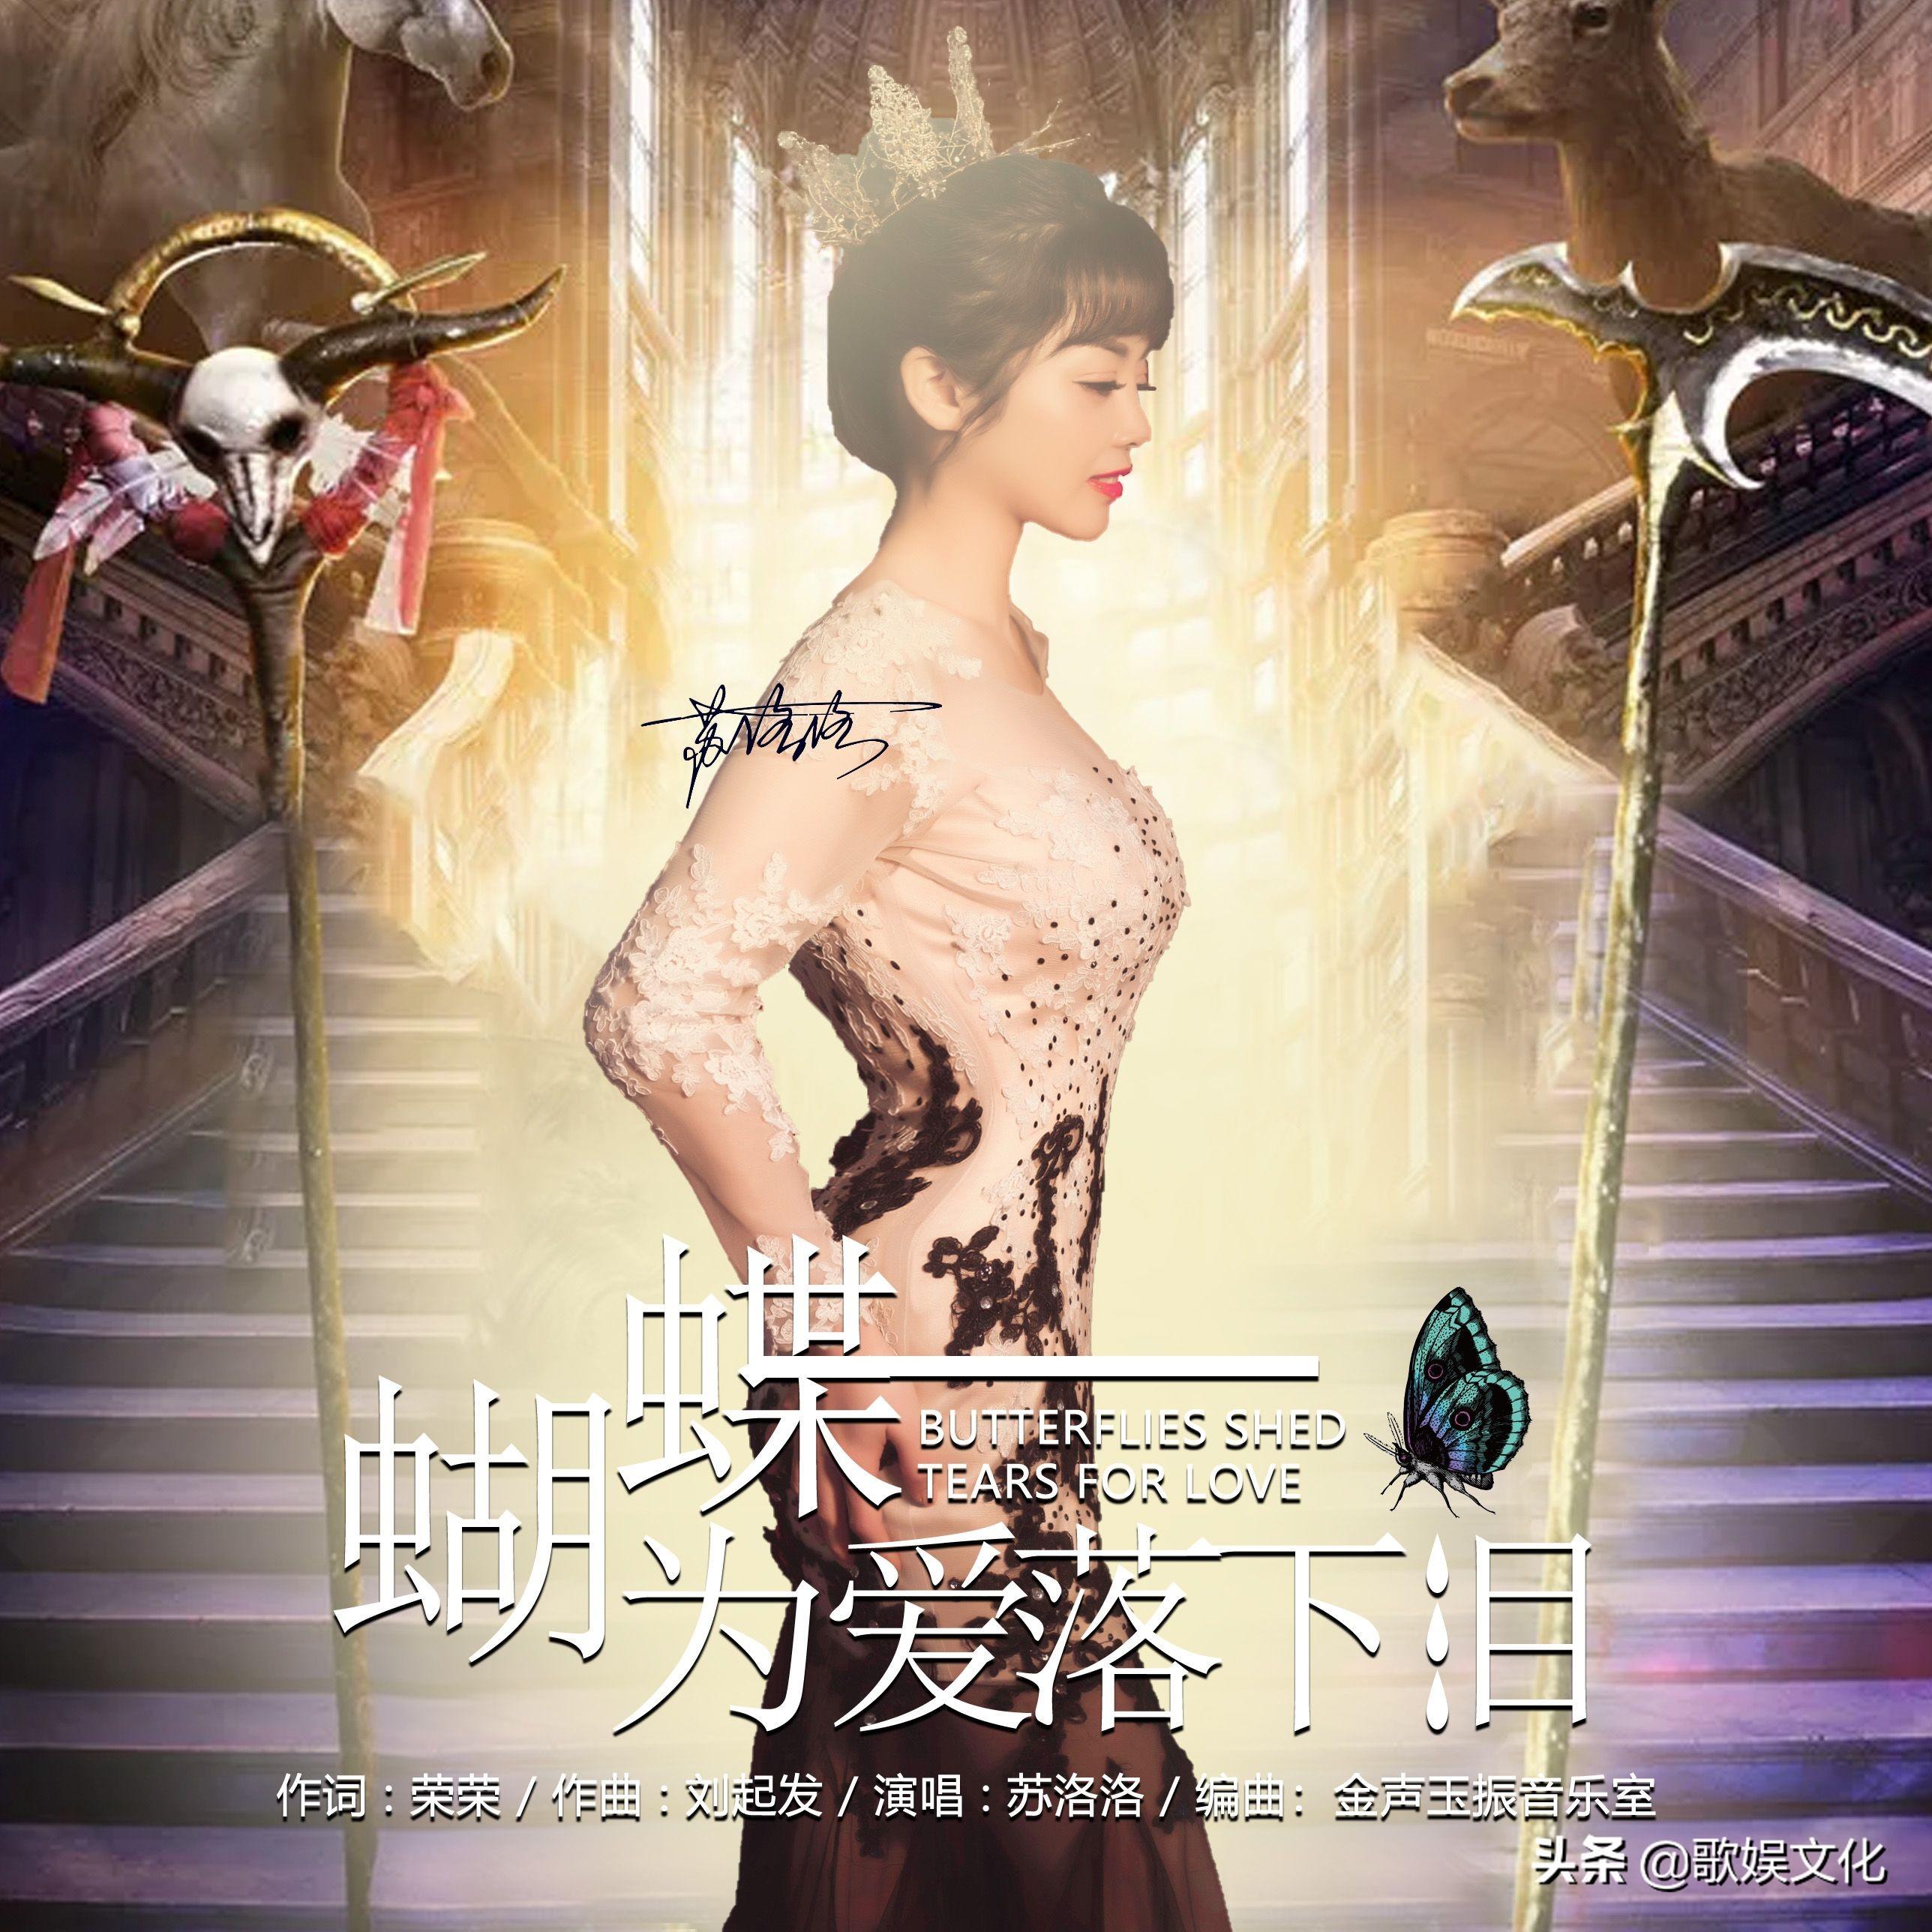 华语女歌手苏洛洛《蝴蝶为爱落下泪》即将全网发布